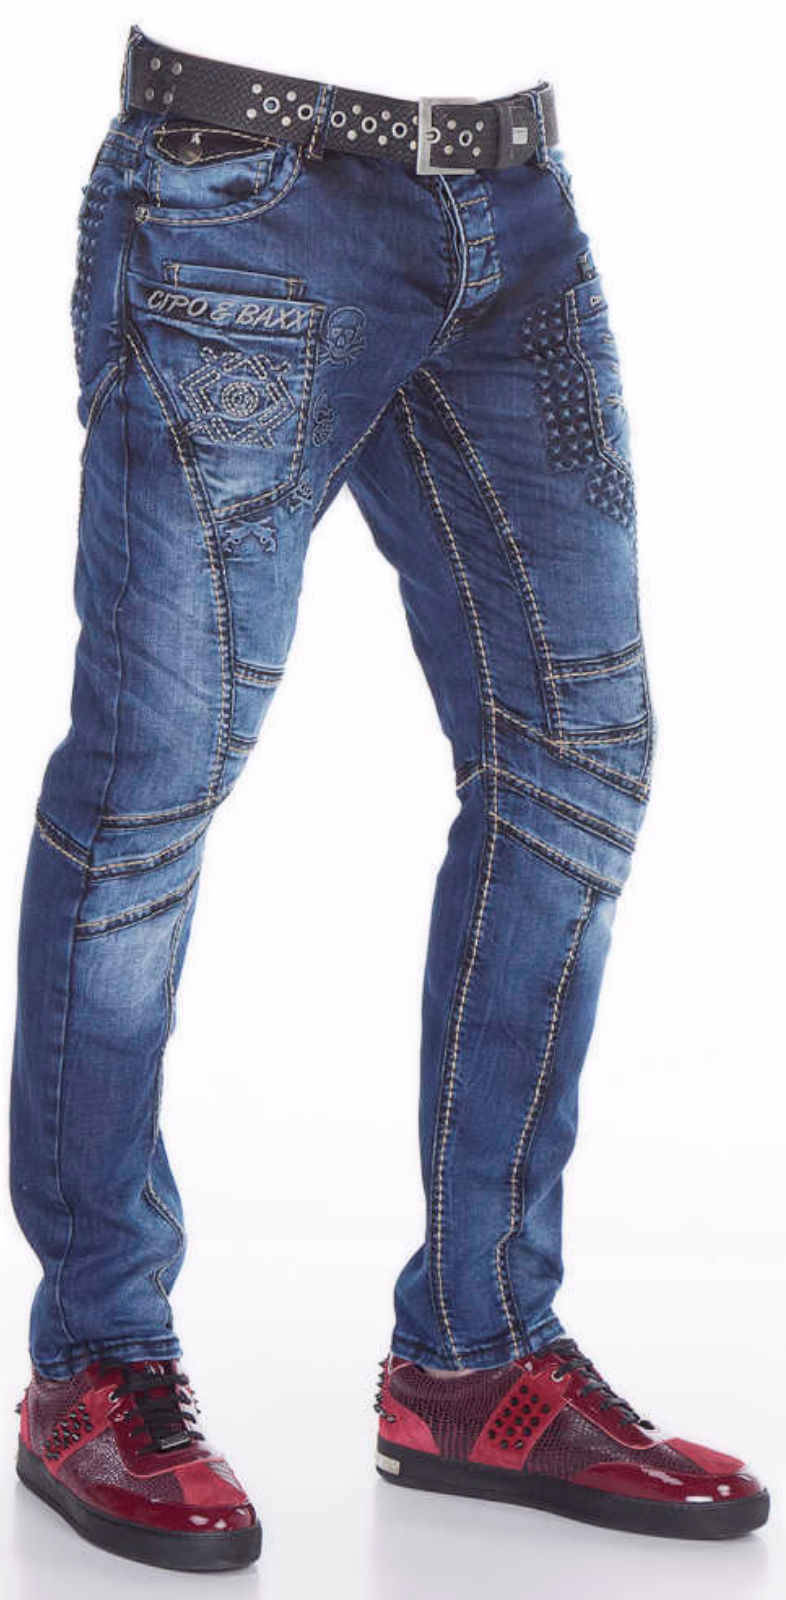 CIPO & BAXX Herren Herren Herren Jeans CD418 Hose Straight Cut Regular Gerade Denim Stretch   Authentische Garantie    Innovation  1abc3d